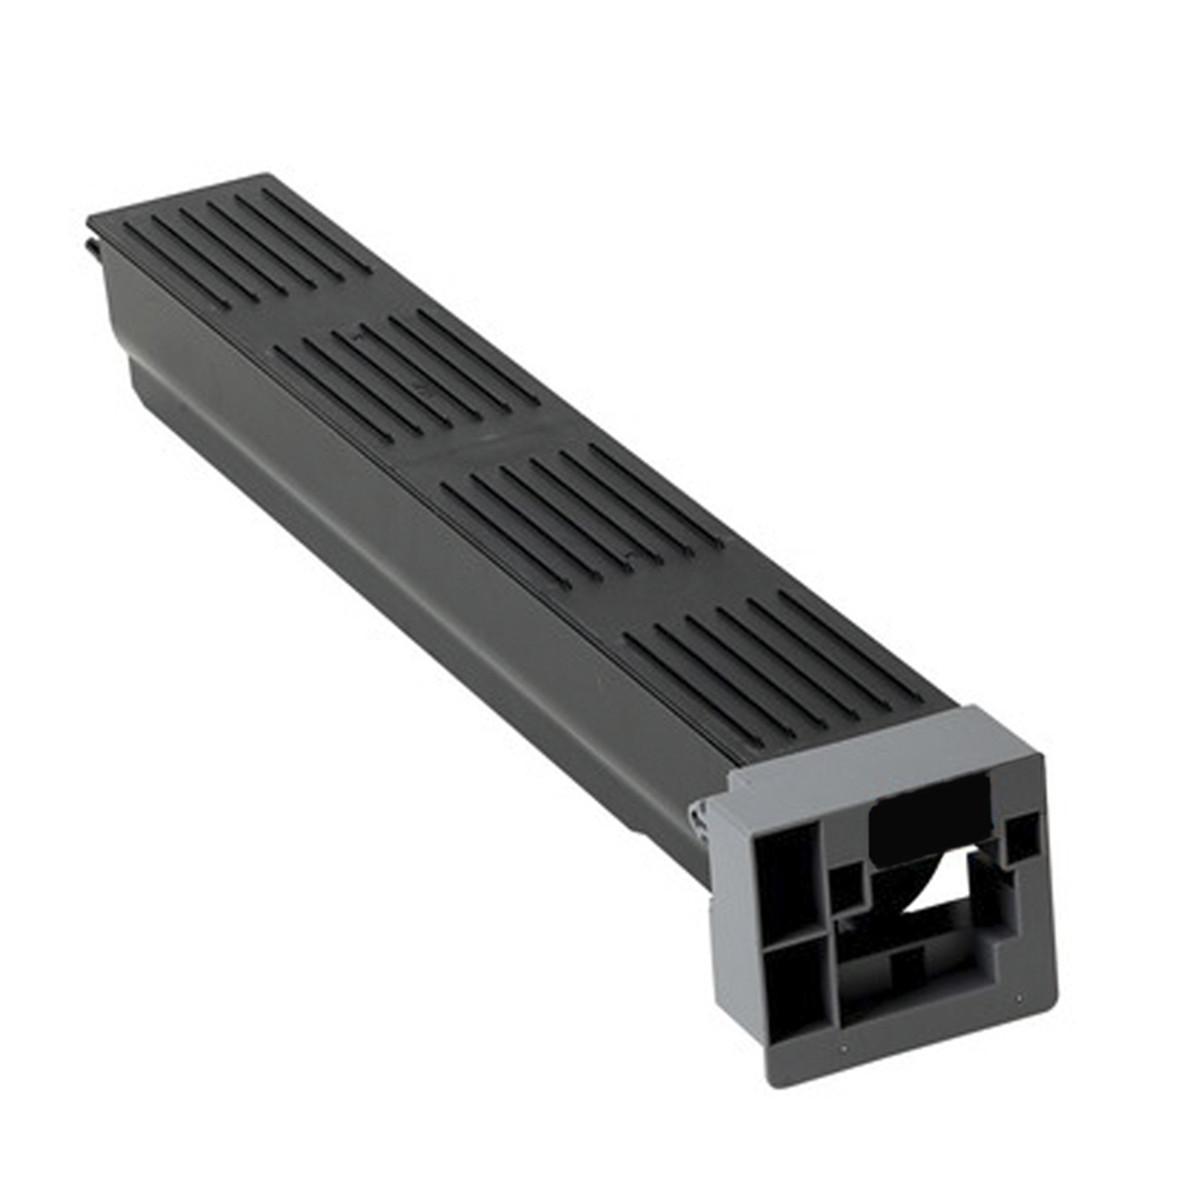 Toner Konica Minolta Preto | Bizhub C552 C552DS C652 C652DS C452 552DS | Katun Business Color 900g